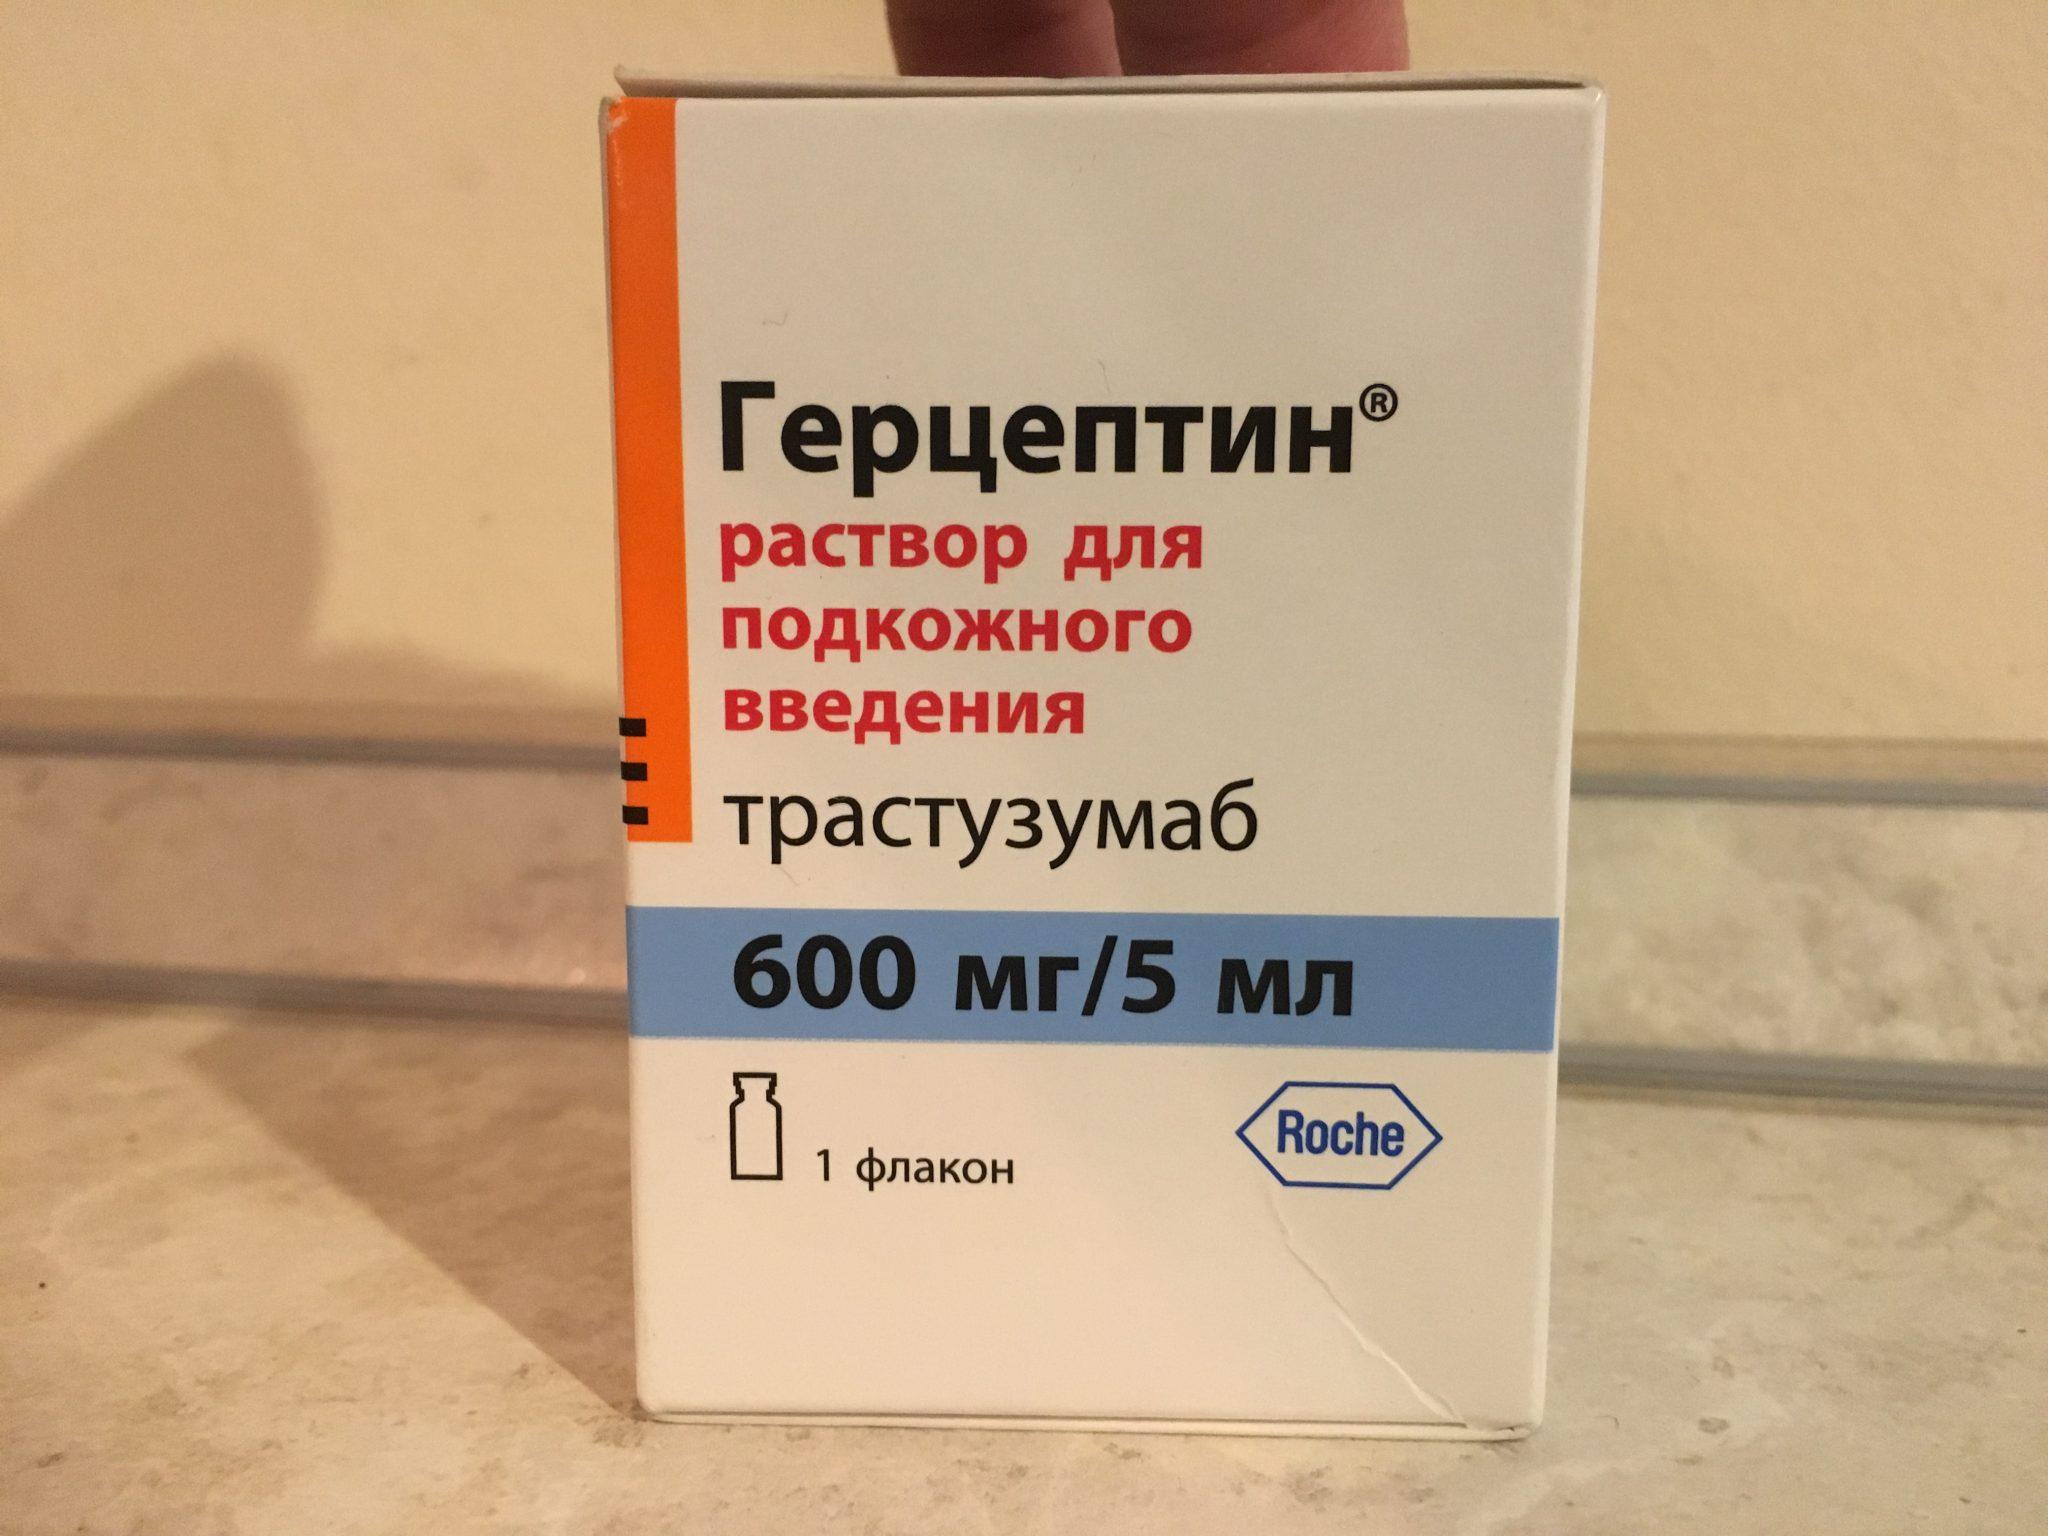 Герцептин: инструкция по применению, аналоги, цена, отзывы